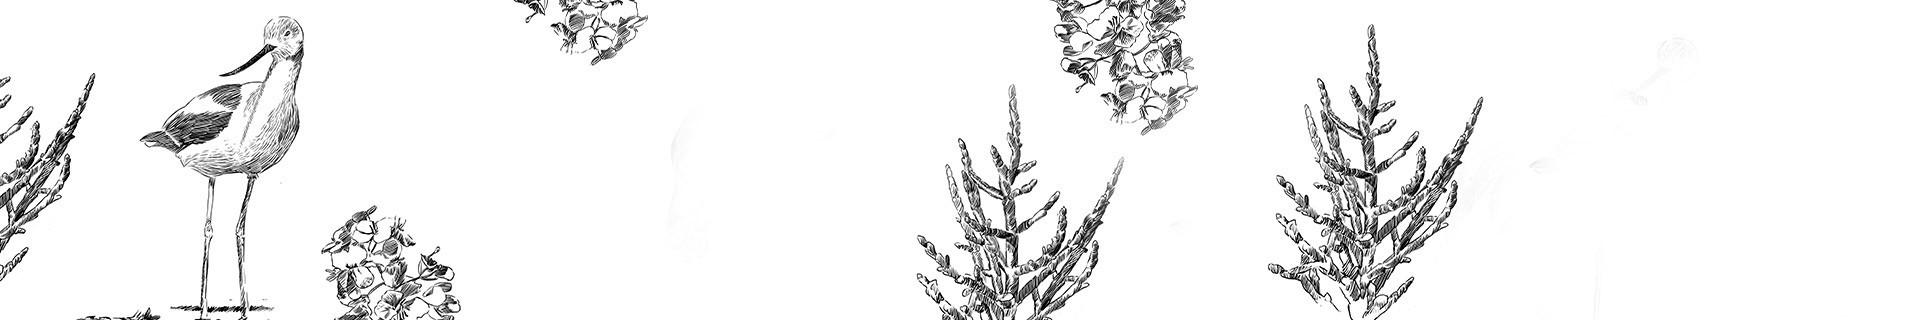 Les Moulins Sels Marins & Poivre, Produits Artisanaux | Les Sauniers de l'île de Ré